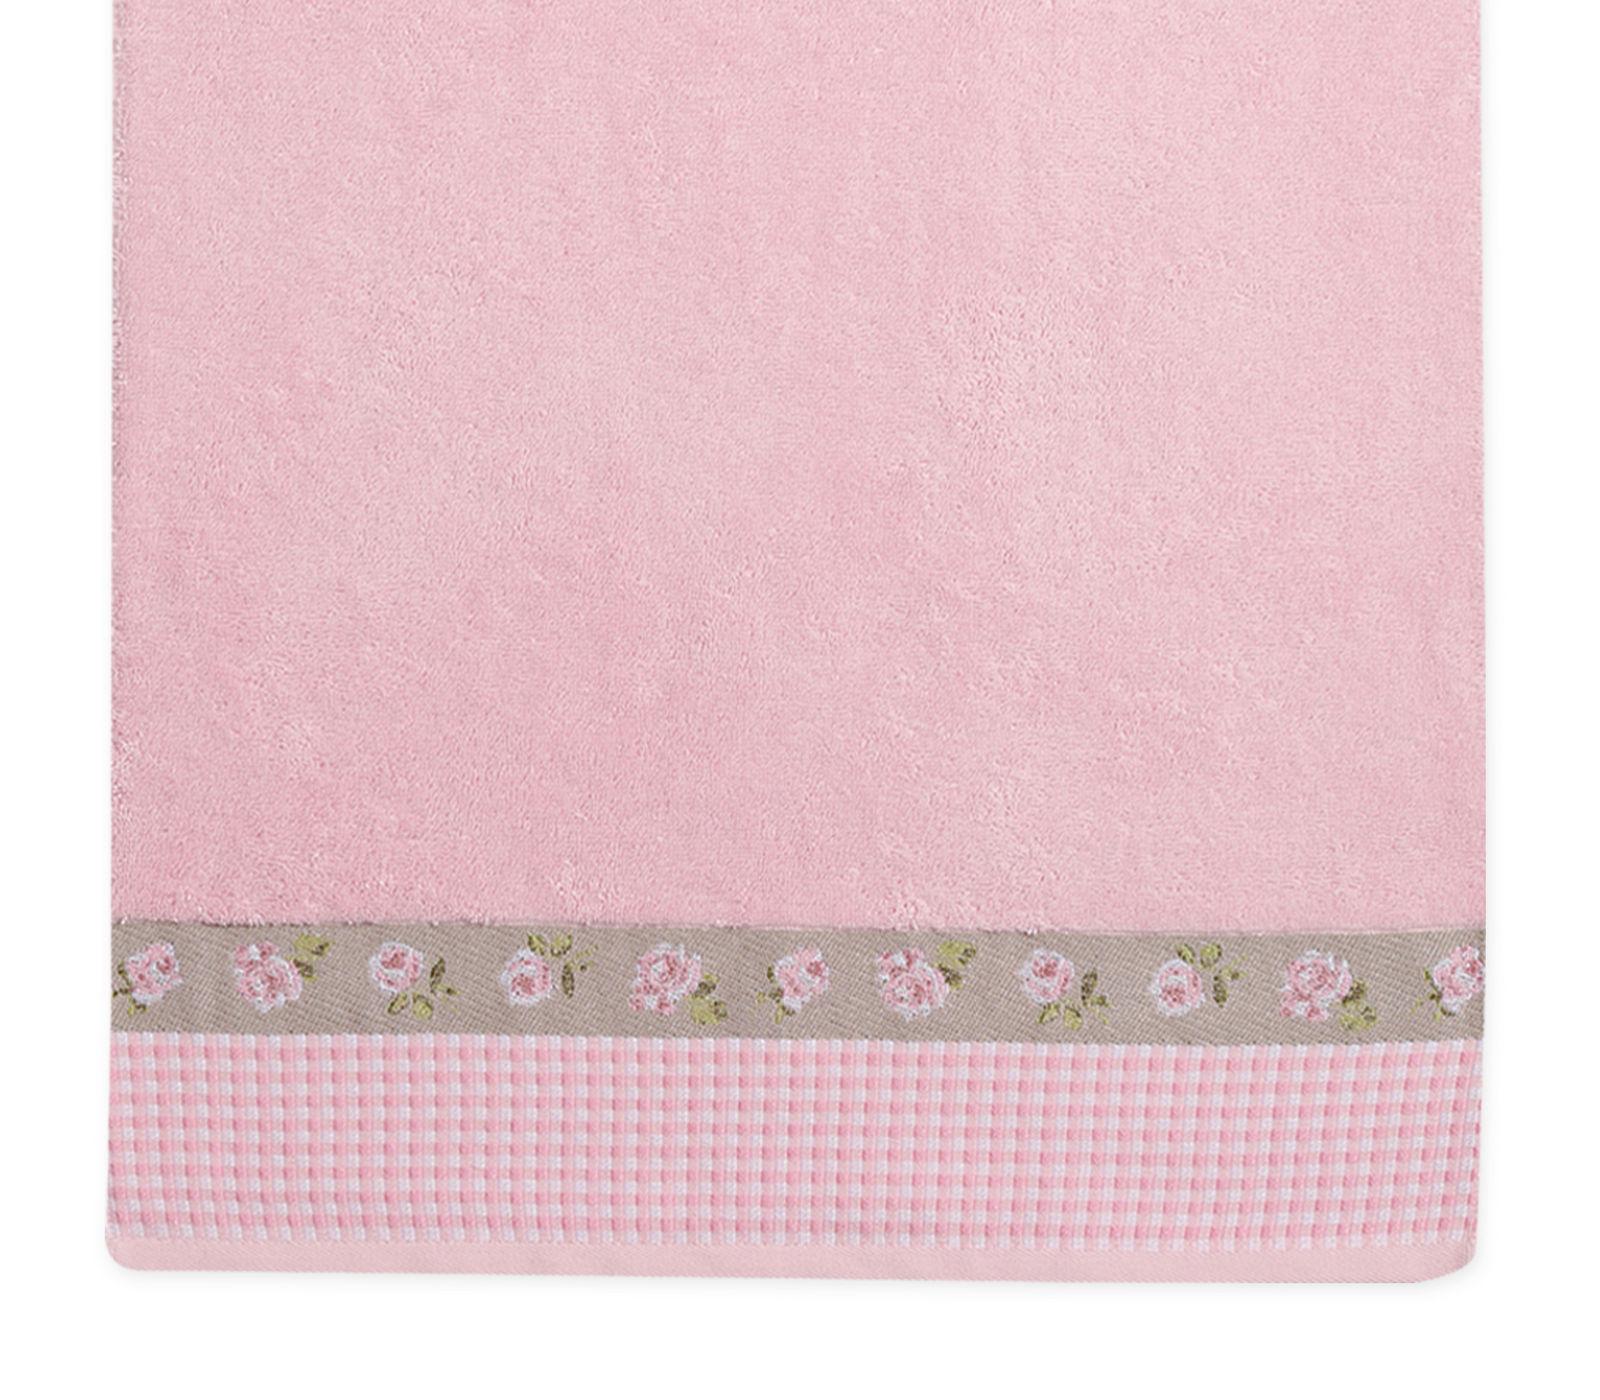 Πετσέτα Μπάνιου 70×140 Nef Nef Ζακαρ Μπορντουρα Marylia Pink